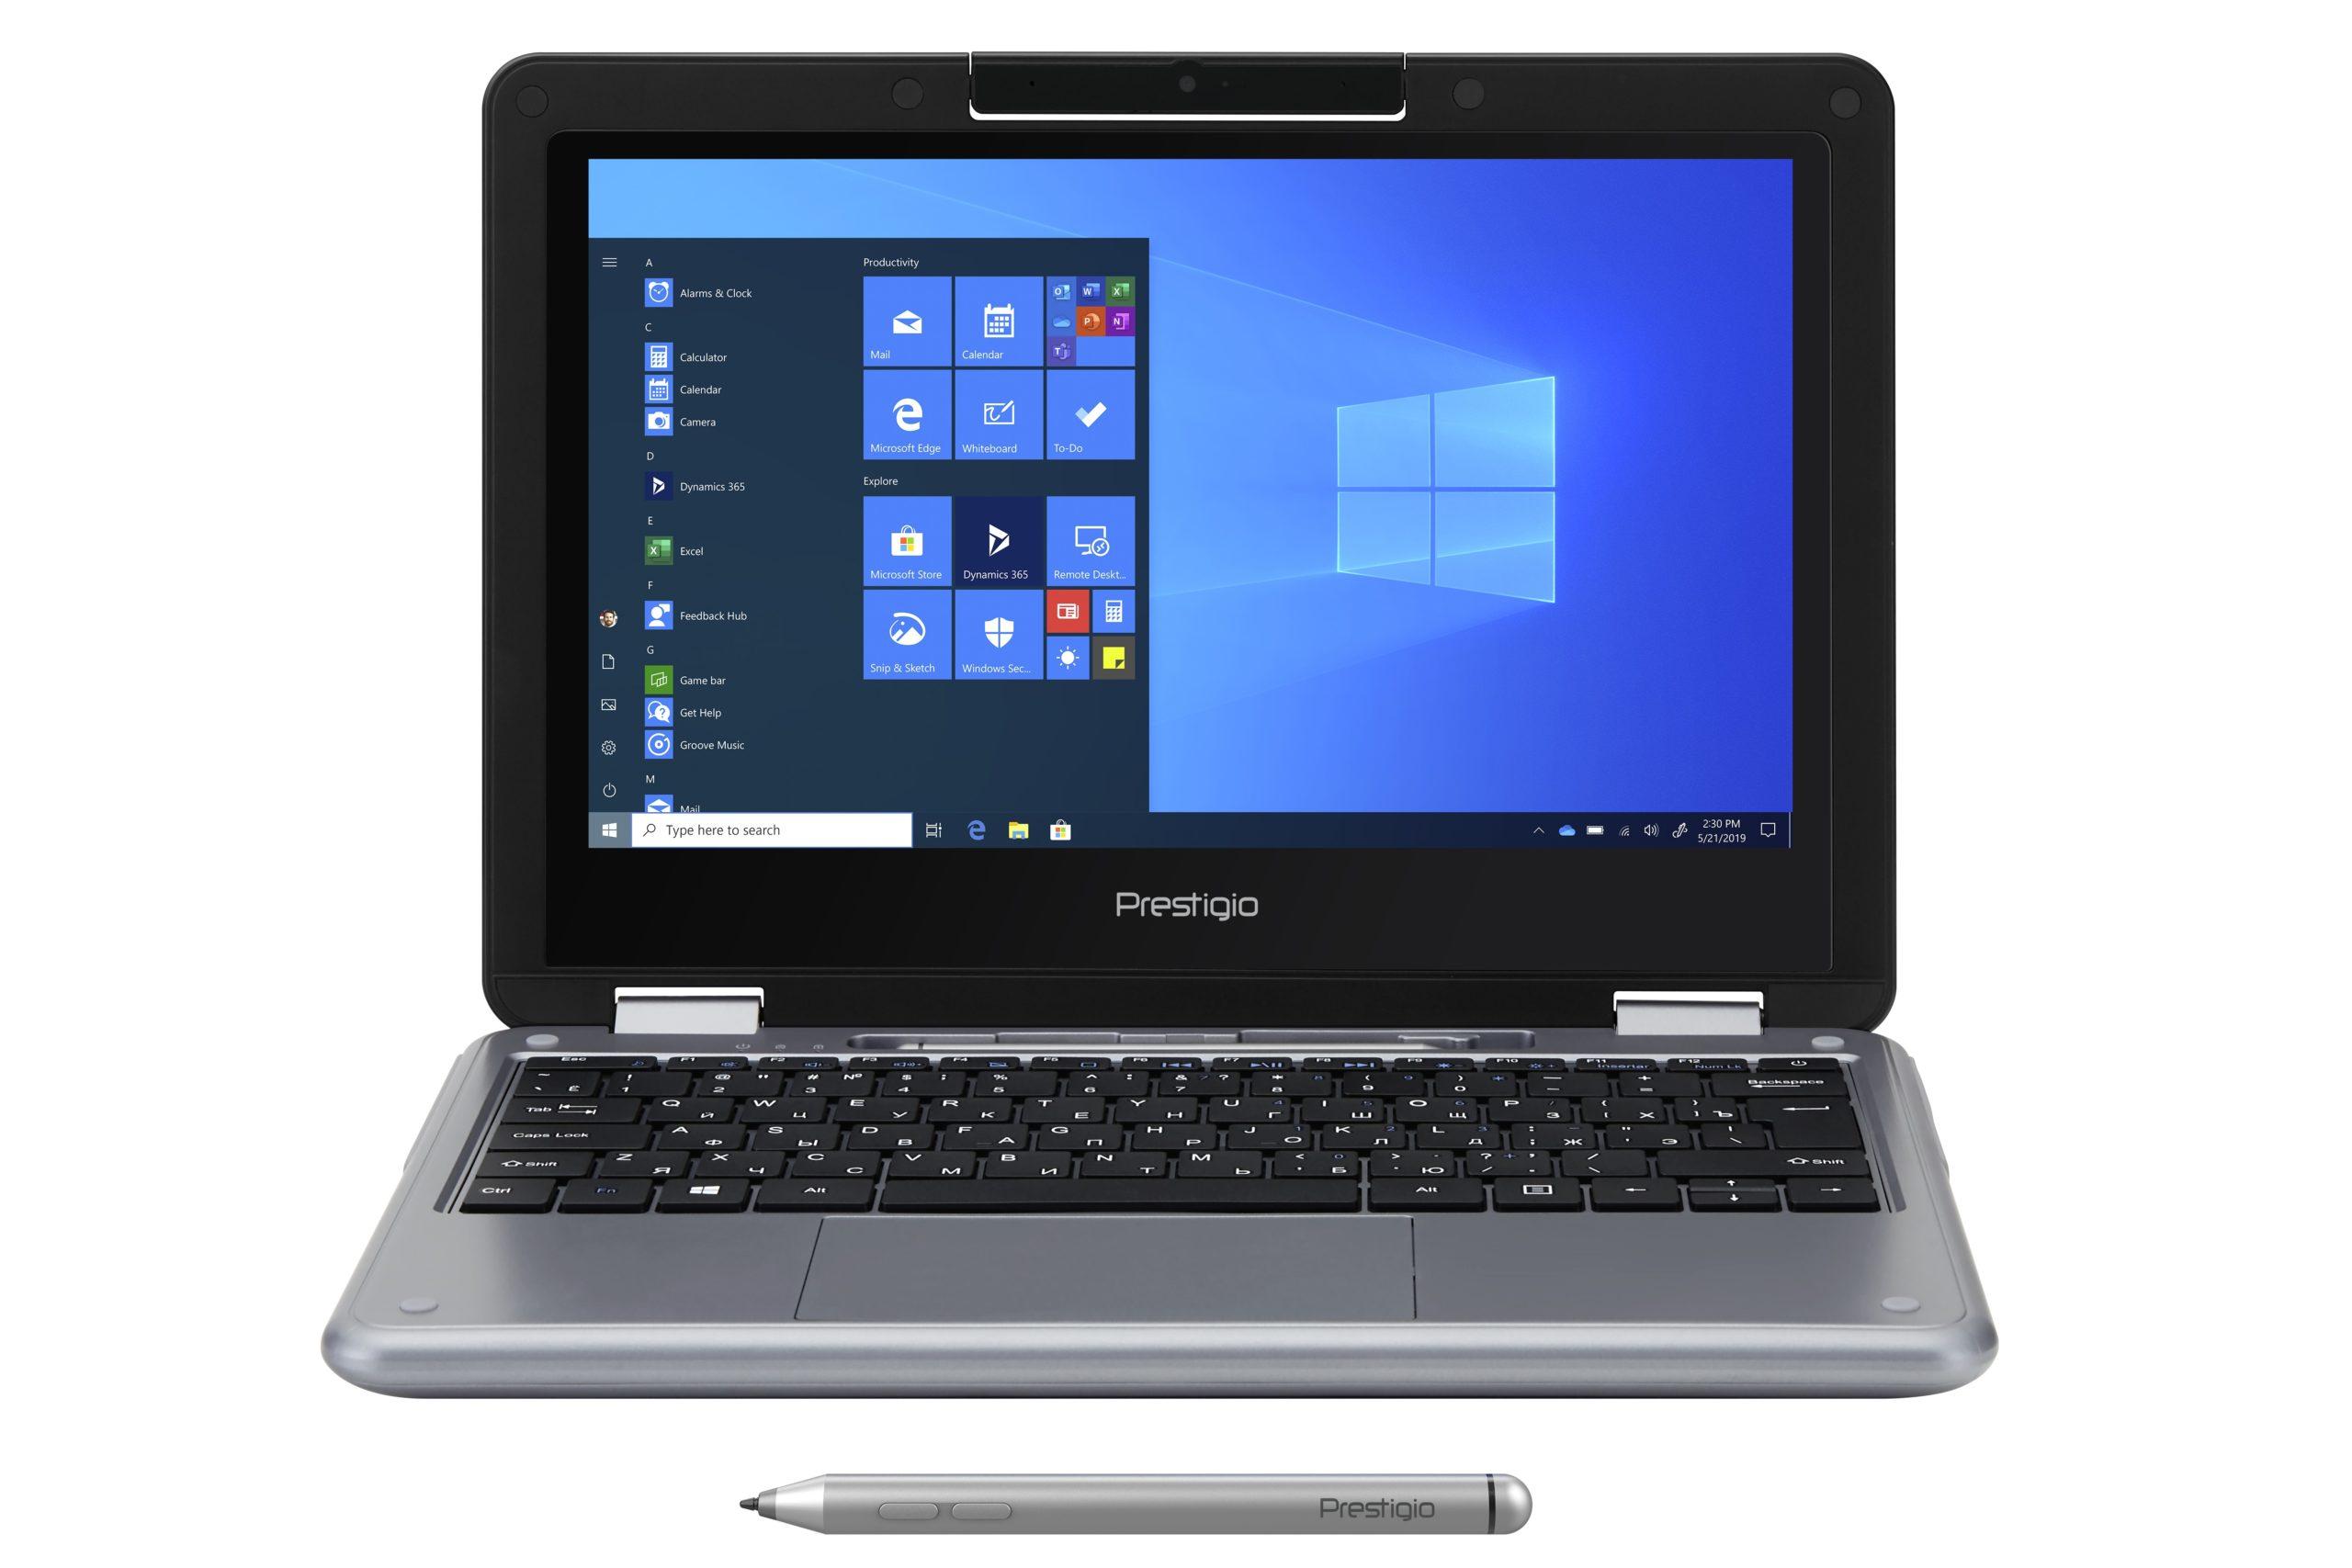 Prestigio представила ноутбук трансформер Ecliptica 116 C3